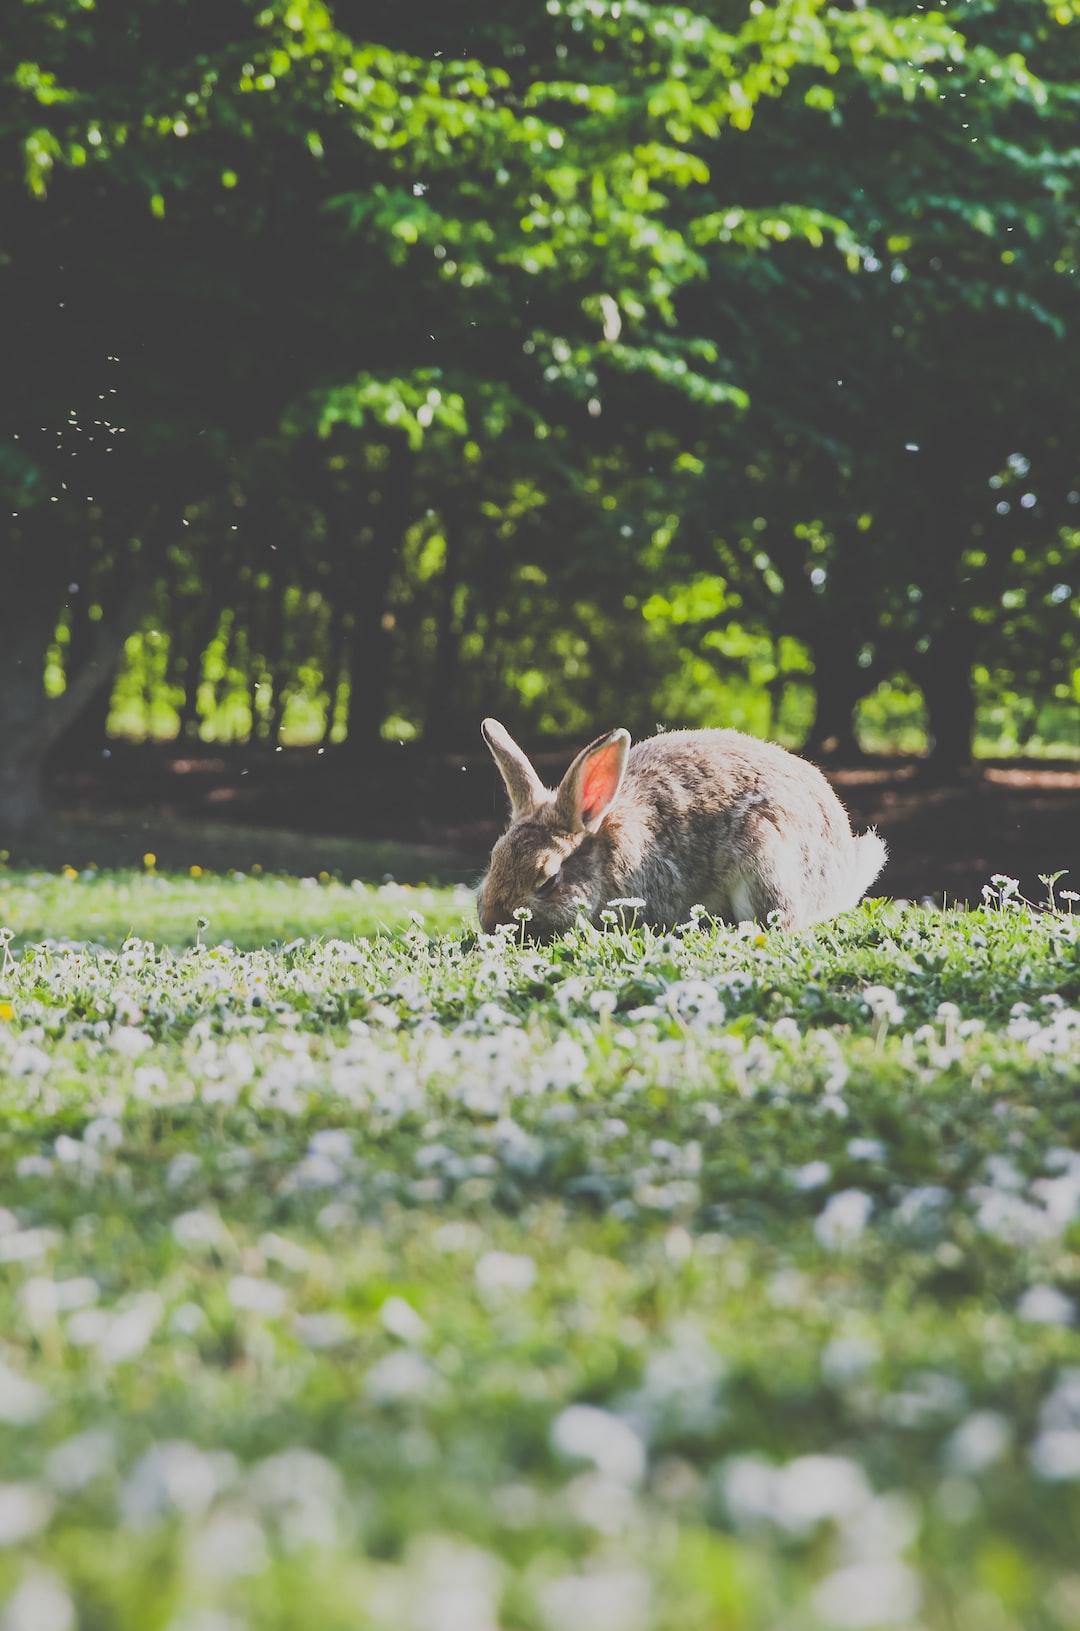 🐰 🐇 A rabbit eating dinner.